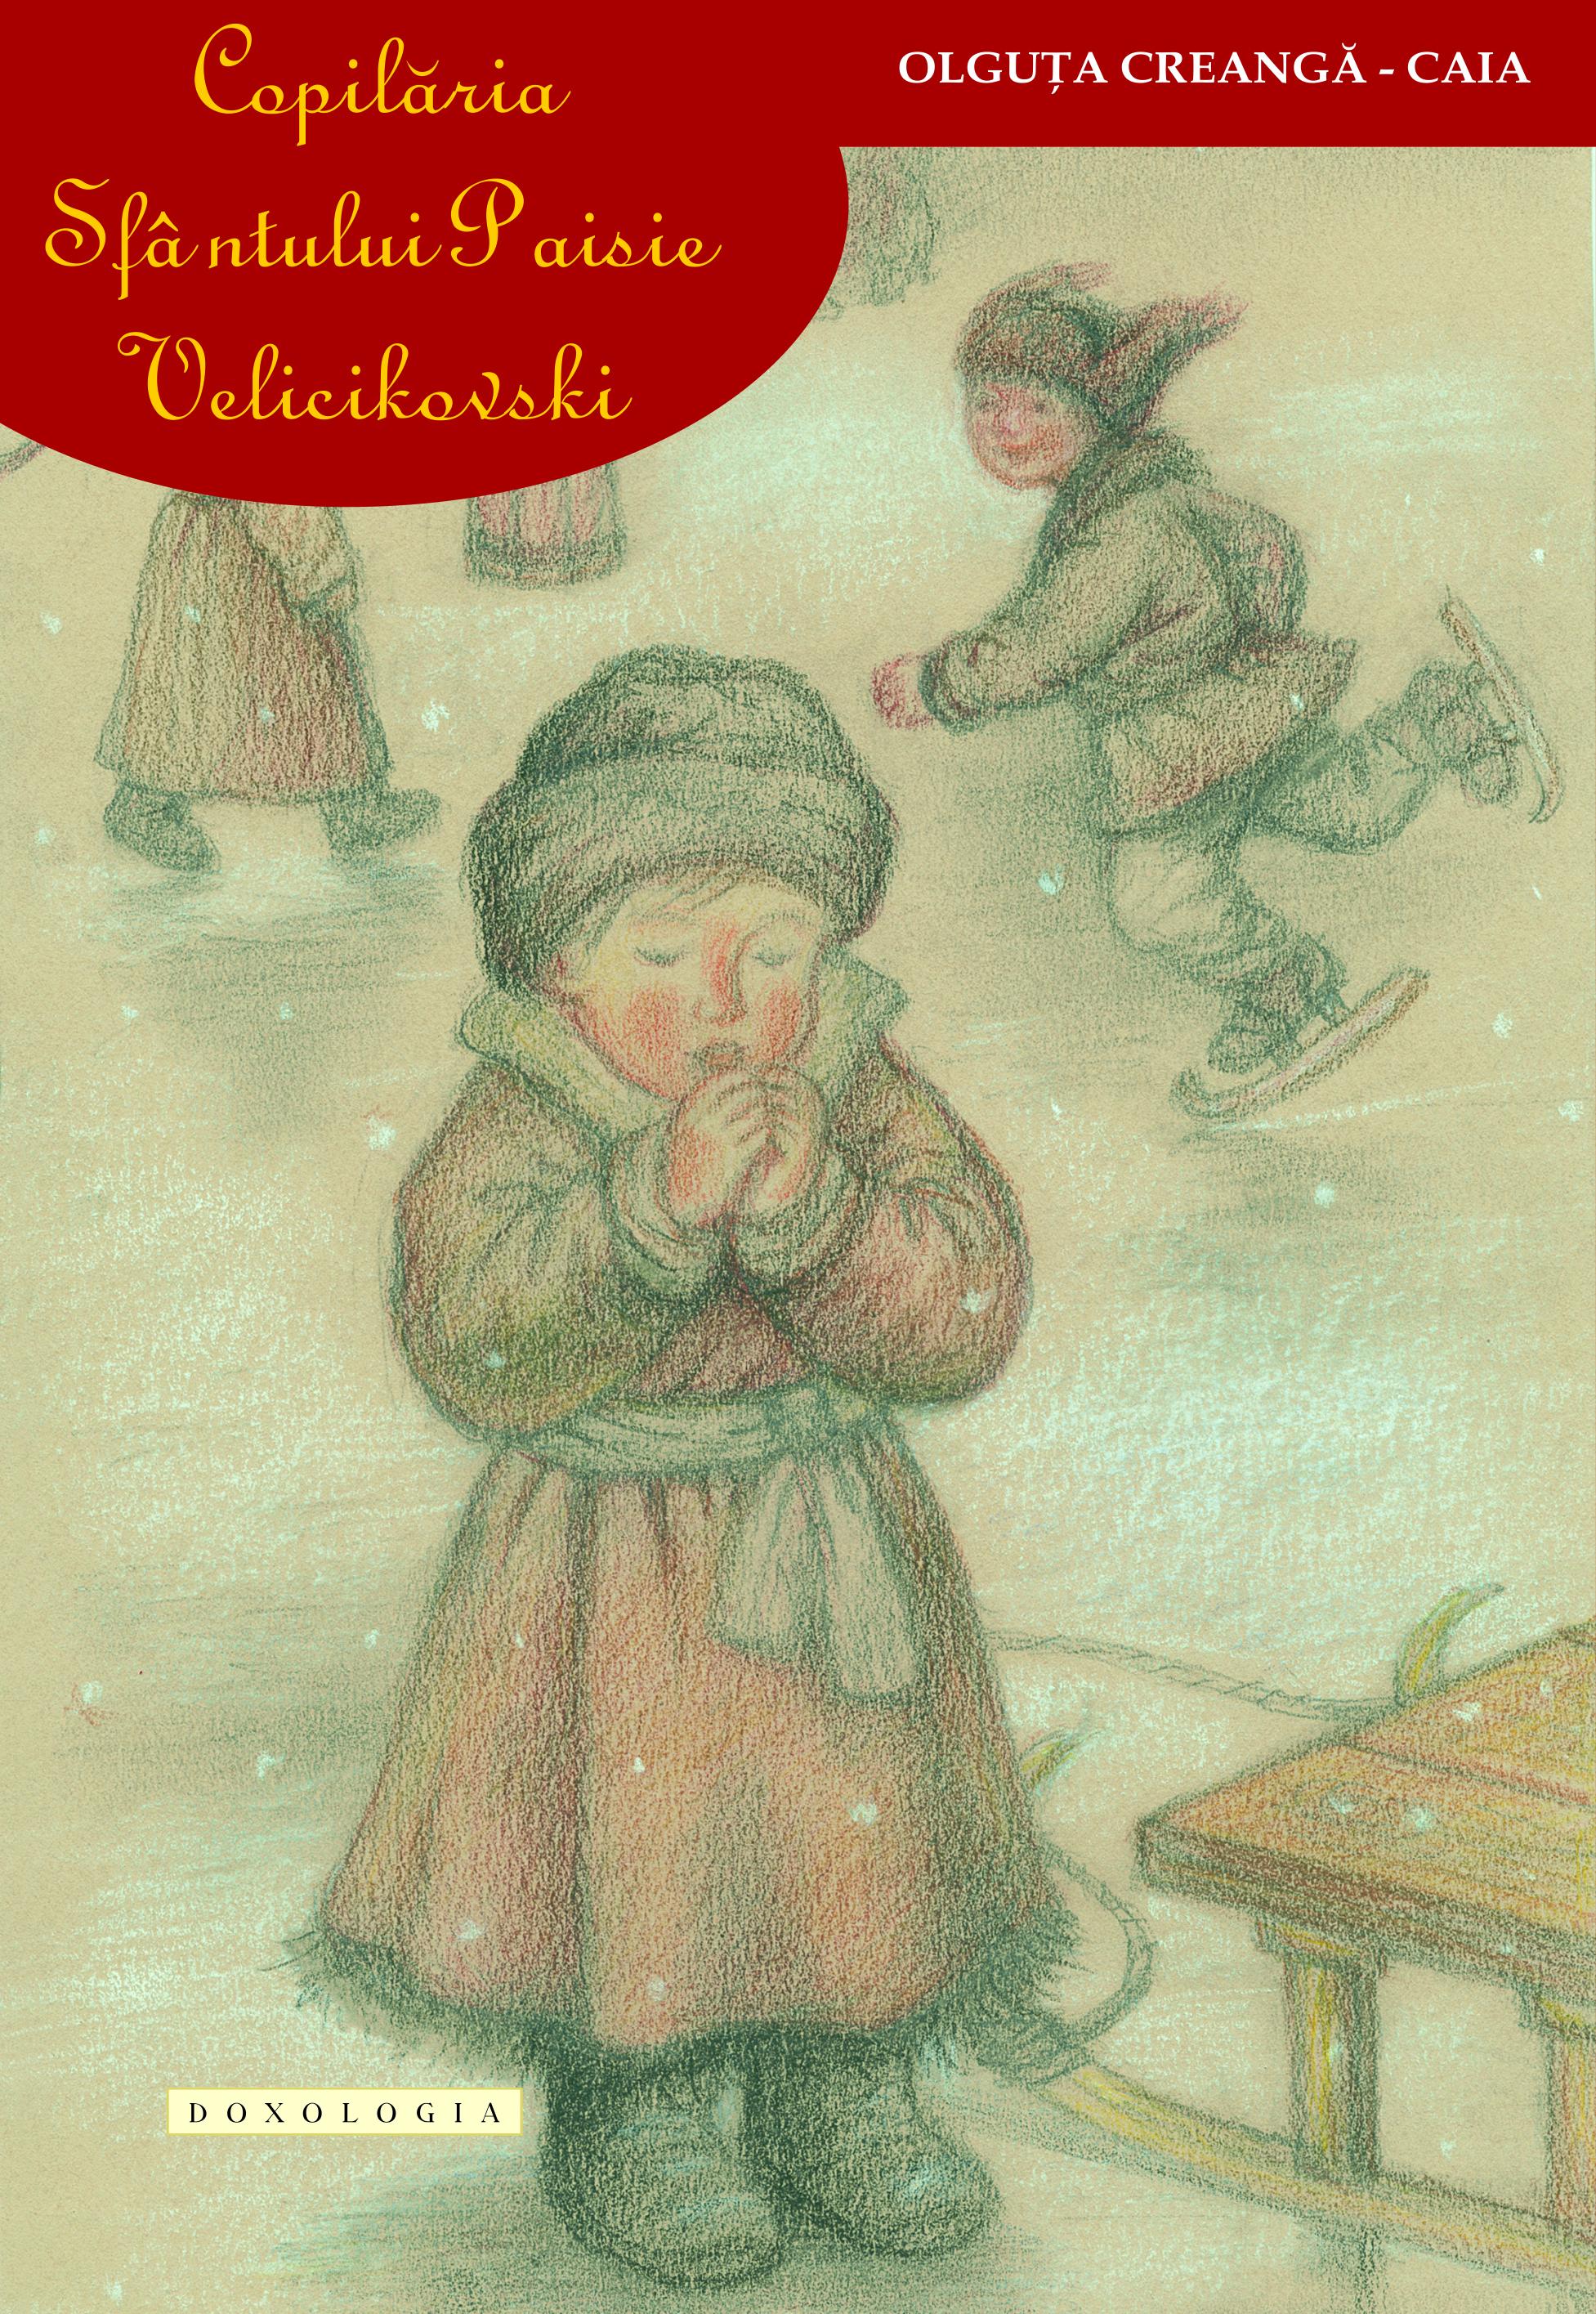 Copilaria Sfantului Paisie Velicikovski de Olguta Creanga-Caia